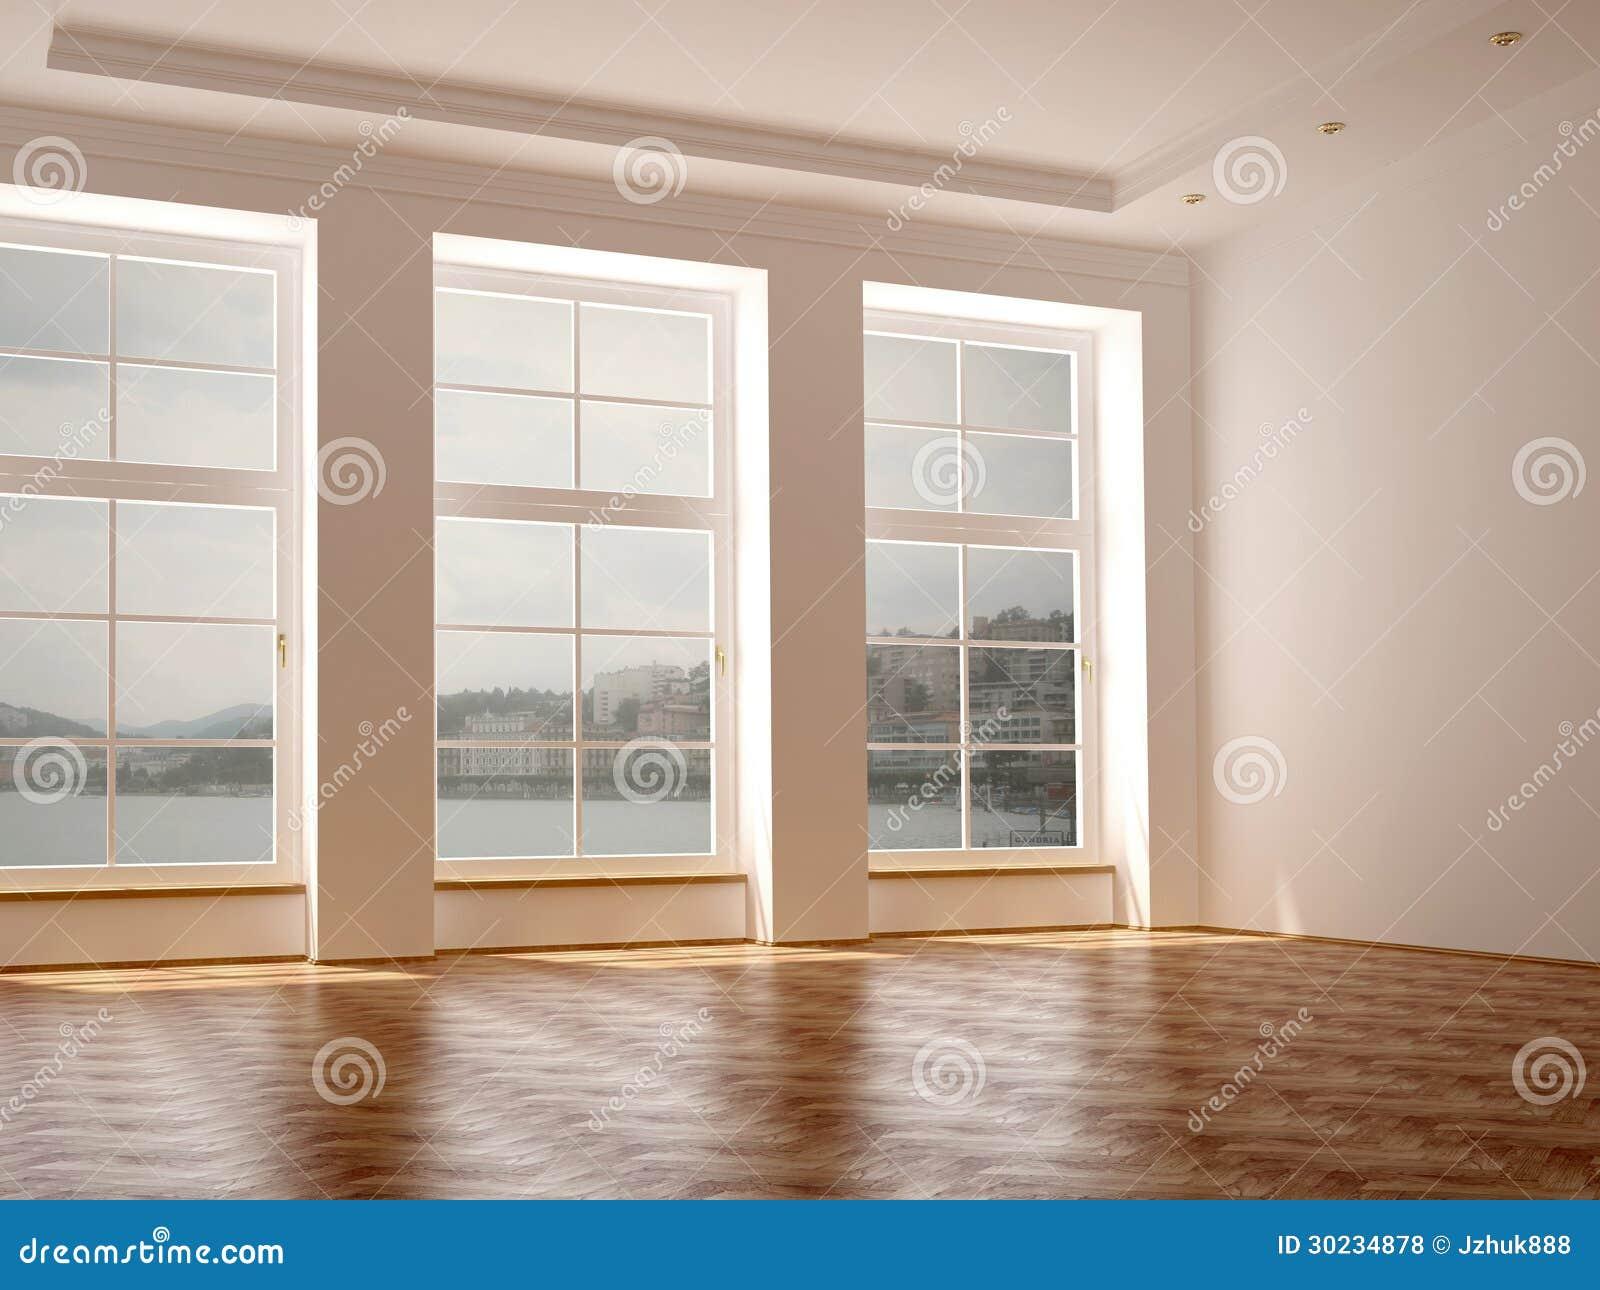 #82A229 Uma Sala Espaçoso Com As Três Grandes Janelas Fotos de Stock Royalty  1608 Vidros Para Janelas Grandes